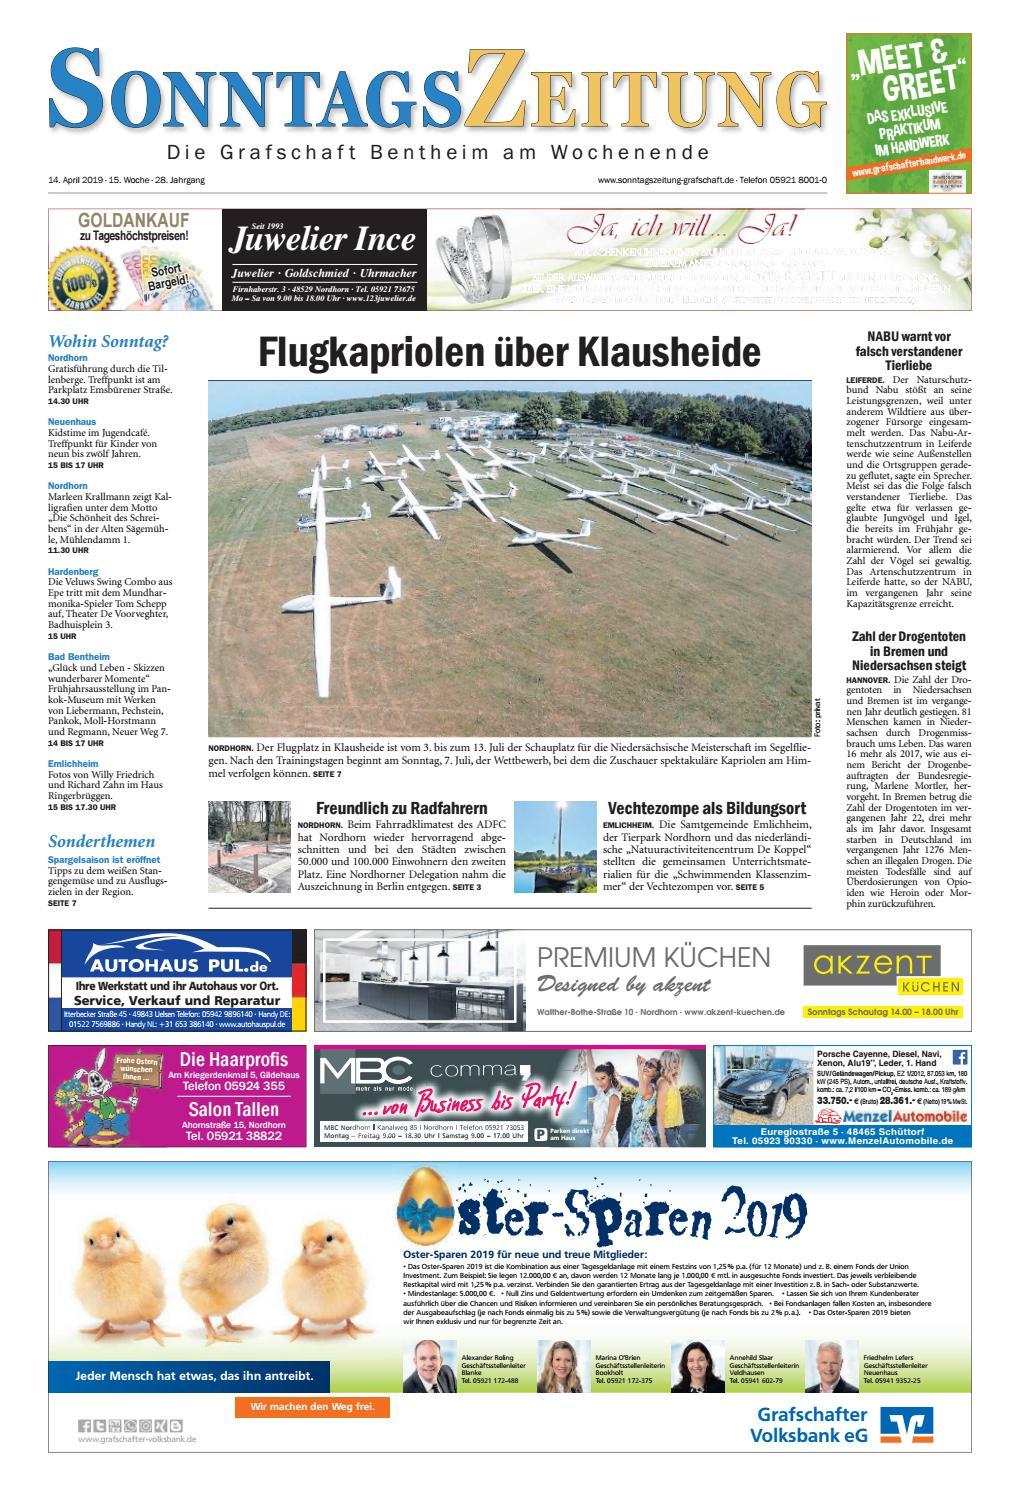 SonntagsZeitung_2019_0414 by Grafschafter Nachrichten issuu